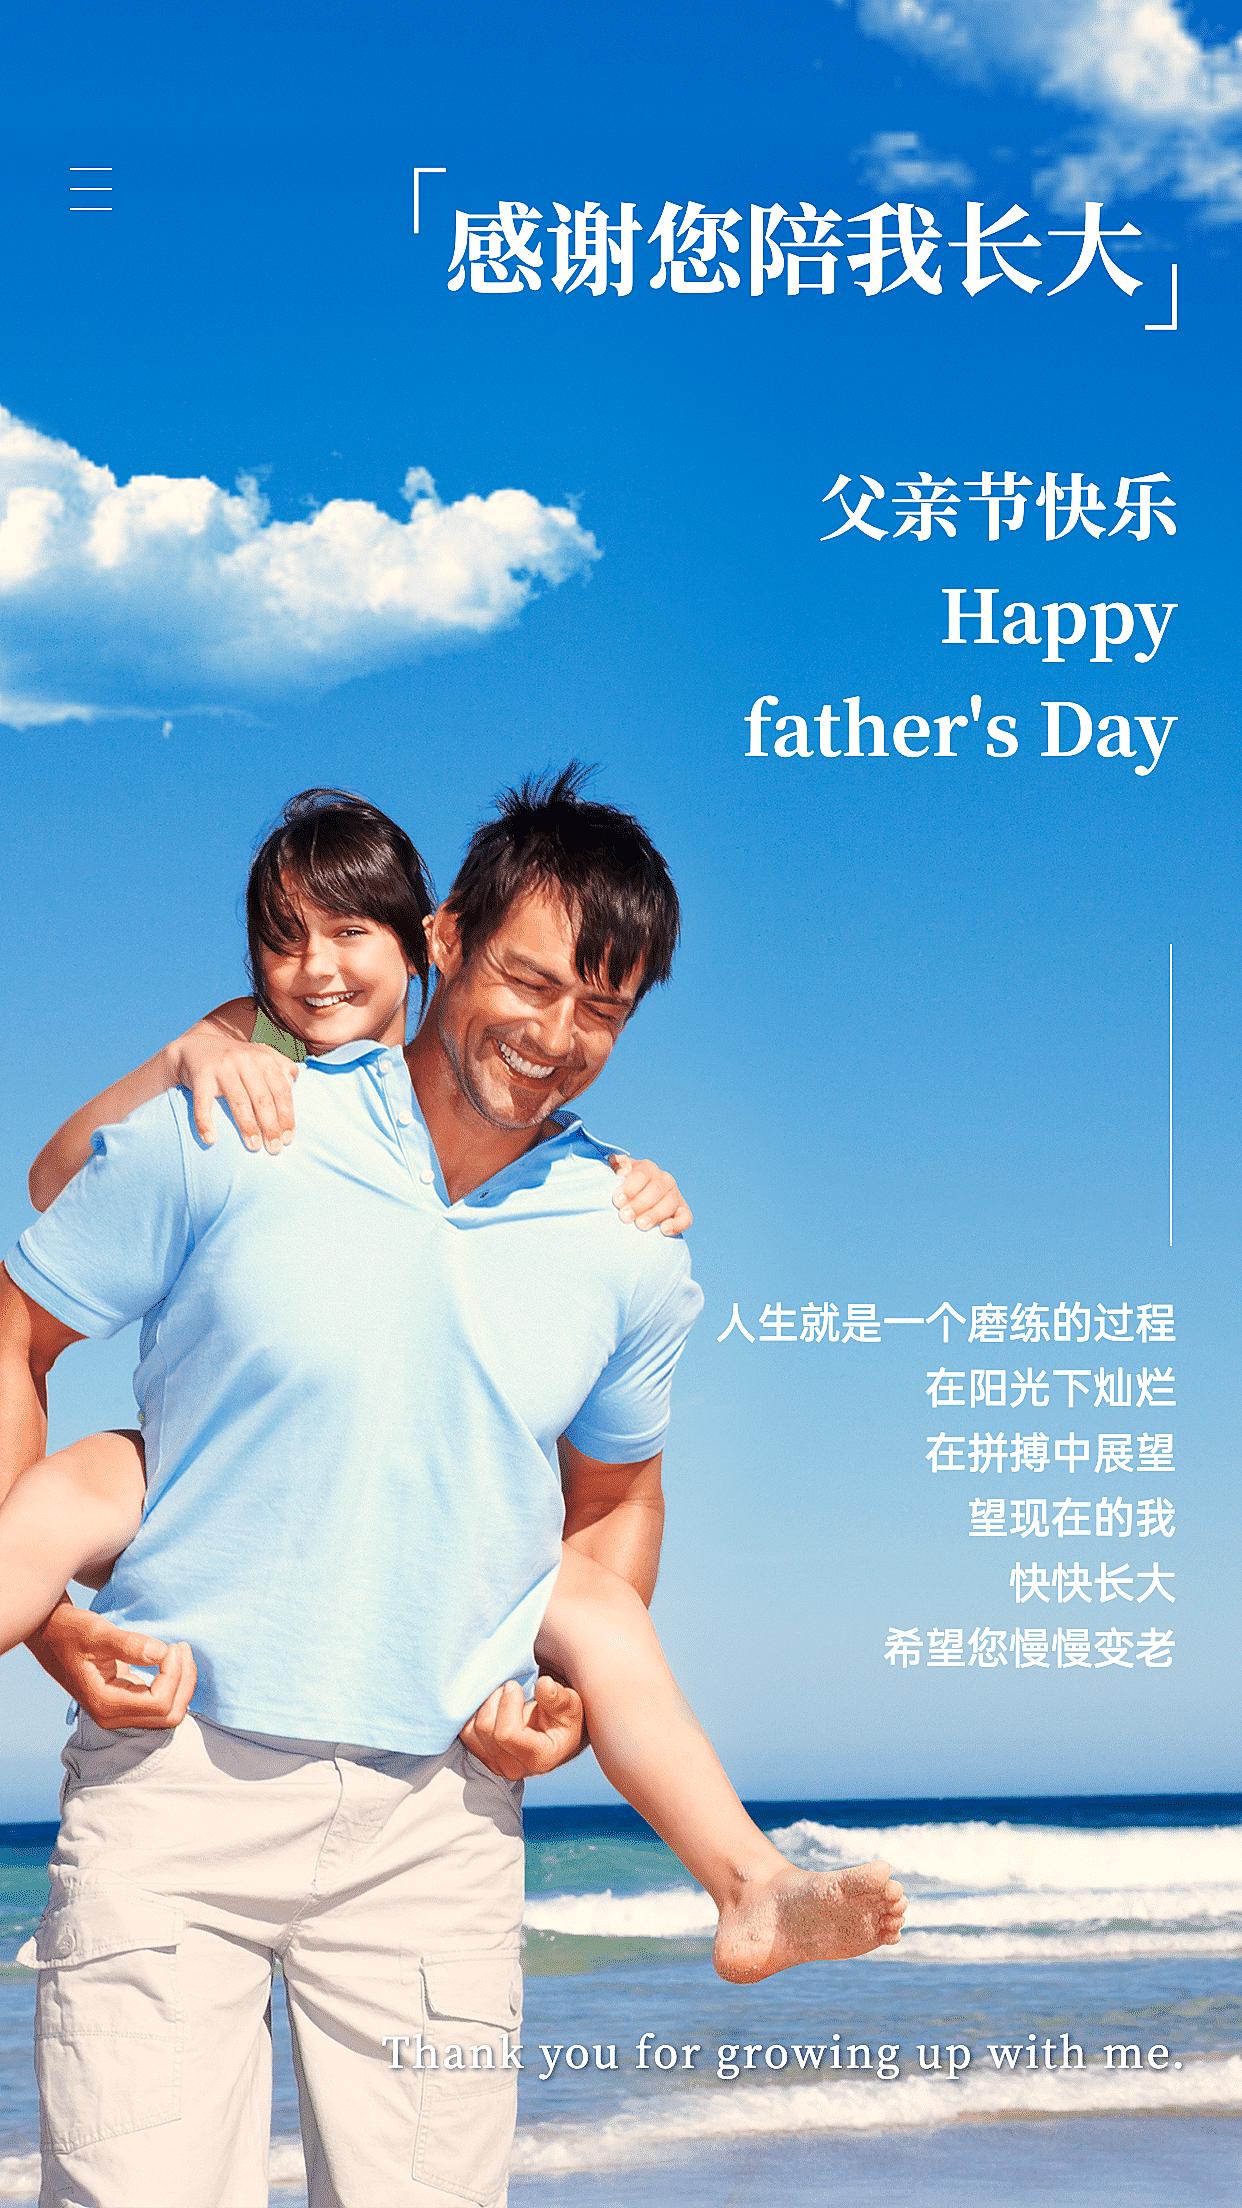 父亲节实景节日祝福